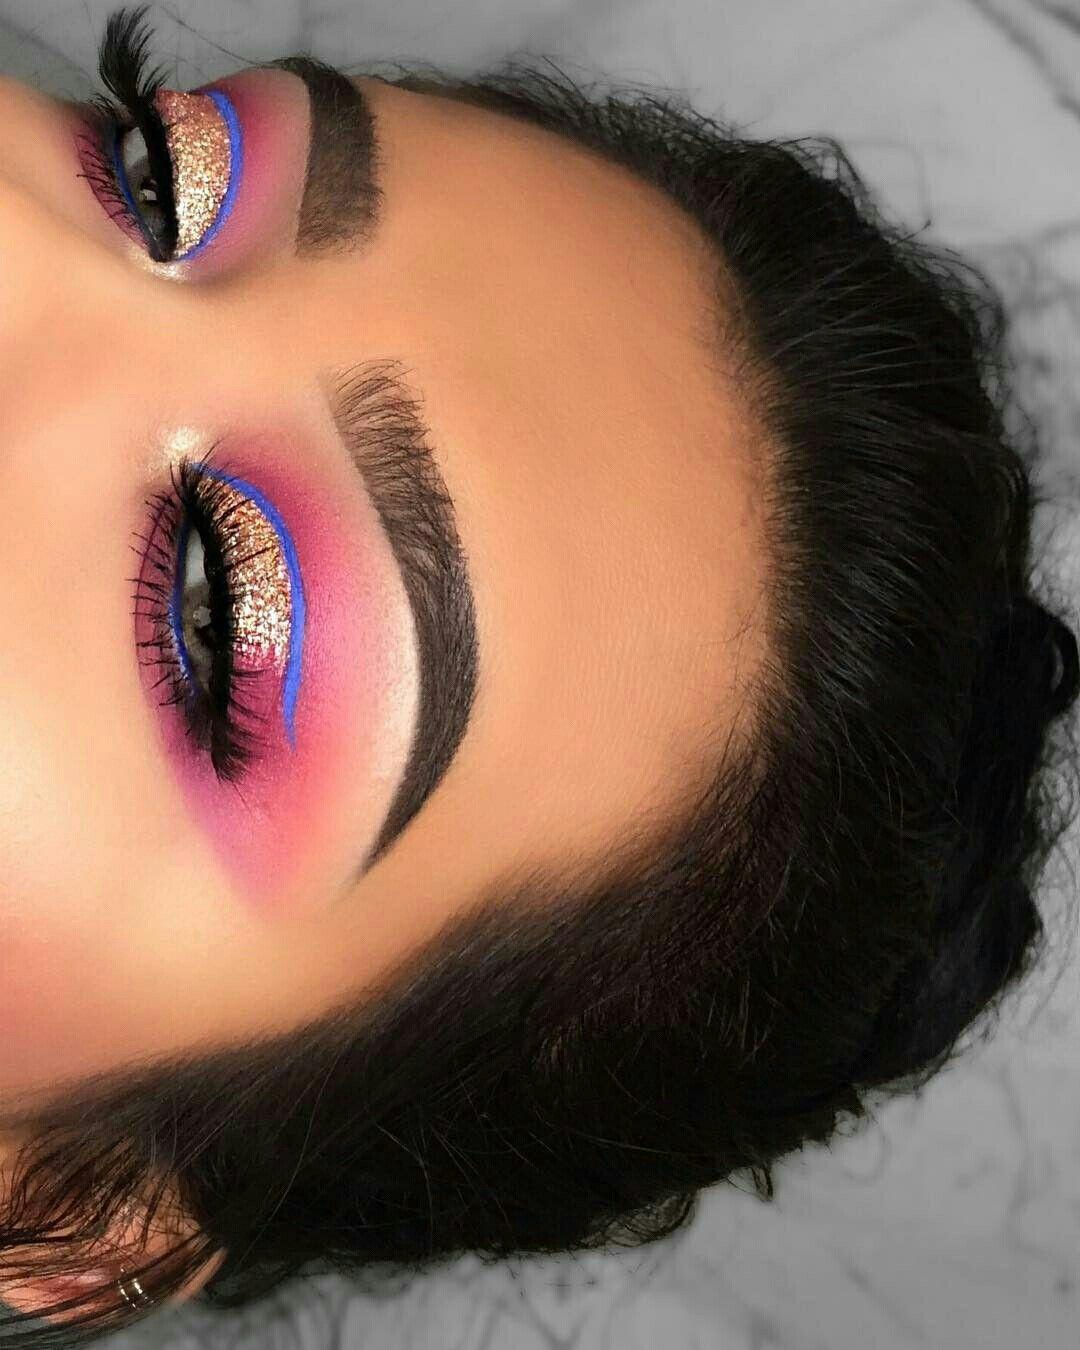 ıŋɬɛγɛʂɬ iiiannaiii makeup pinterest makeup eye and hair makeup